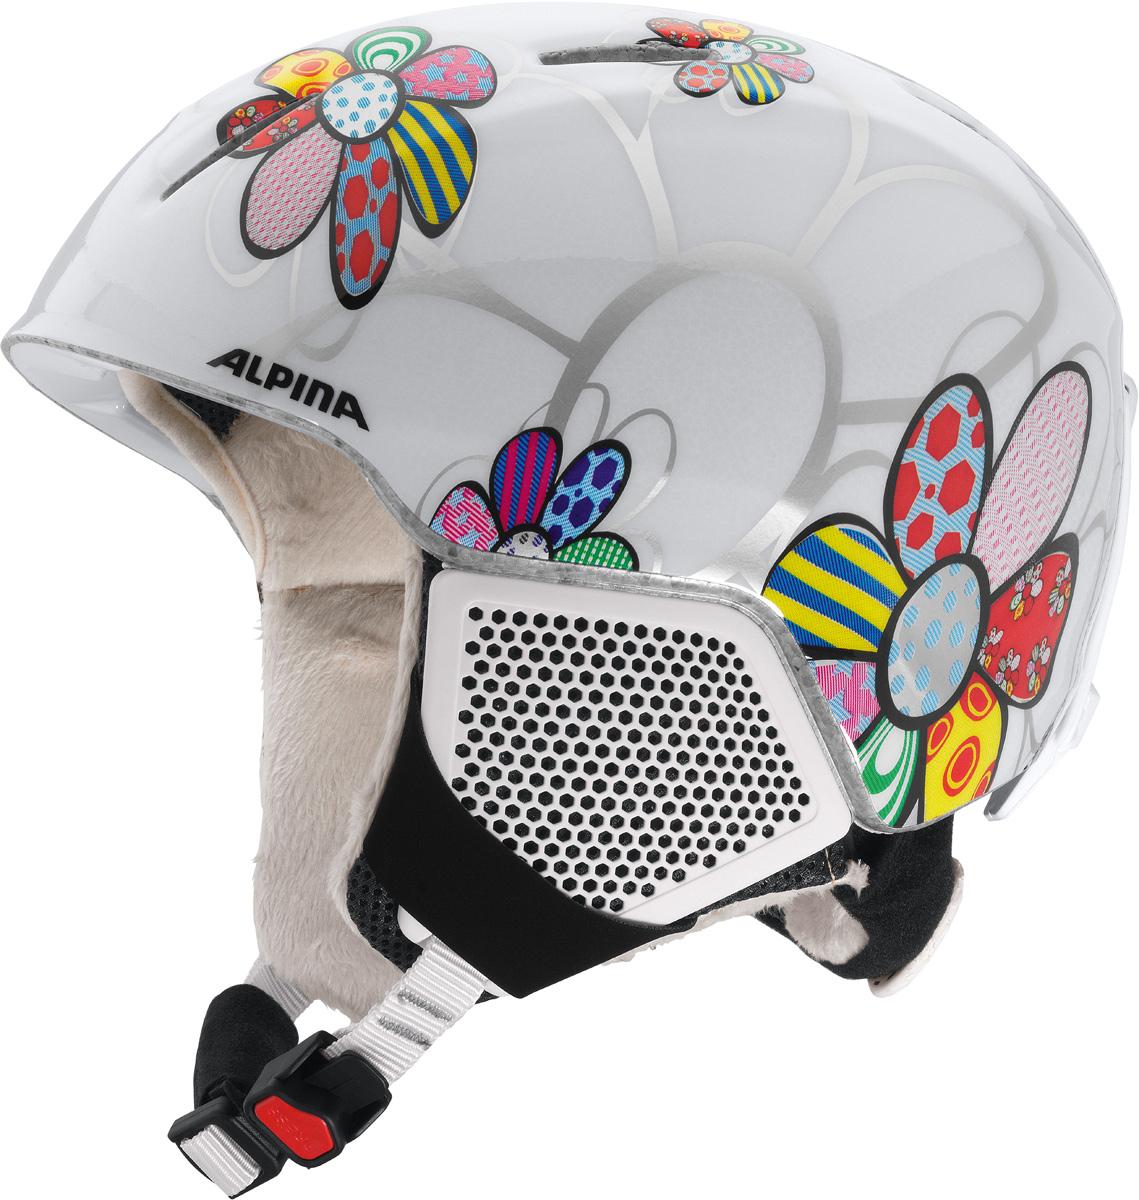 Шлем горнолыжный детский Alpina Carat LX, цвет: белый, розовый. A9081_00. Размер 48-52A9081_00Серия детских и подростковых шлемов Carat пополнилась моделью LX. Главным нововведением стало использование перфорации в жестких наушниках, которые по-прежнему обеспечивают высокую степень защиты, но при этом позволяют слышать все вокруг. Вентиляционные отверстия препятствуют перегреву и позволяют поддерживать идеальную температуру внутри шлема. Для этого инженеры Alpina используют эффект Вентури, чтобы сделать циркуляцию воздуха постоянной и максимально эффективной. Внутренник шлема легко вынимается, стирается, сушится и вставляется обратно. Из задней части шлема можно достать шейный утеплитель из мягкого микро-флиса. Этот теплый воротник также защищает шею от ударов на высокой скорости и при сибирских морозах. В удобной конструкции отсутствуют точки давления на шею. Прочная и легкая конструкция In-mold. Тонкая и прочная поликарбонатная оболочка под воздействием высокой температуры и давления буквально сплавляется с гранулами EPS, которые гасят ударную нагрузку. Внутренняя оболочка каждого шлема Alpina состоит из гранул HI-EPS (сильно вспененного полистирола). Микроскопические воздушные карманы эффективно поглощают ударную нагрузку и обеспечивают высокую теплоизоляцию. Эта технология позволяет достичь минимальной толщины оболочки. А так как гранулы HI-EPS не впитывают влагу, их защитный эффект не ослабевает со временем. Удобная и точная система регулировки Run System Ergo Snow позволяет быстро и комфортно подогнать шлем по голове, без создания отдельных точек избыточного давления. Y-образный ремнераспределитель двух ремешков находится под ухом и обеспечивает быструю и точную посадку шлема на голове. Вместо фастекса на ремешке используется красная кнопка с автоматическим запирающим механизмом, которую легко использовать даже в лыжных перчатках. Механизм защищён от произвольного раскрытия при падении.Как выбрать горные лыжи для ребёнка. Статья OZON Гид